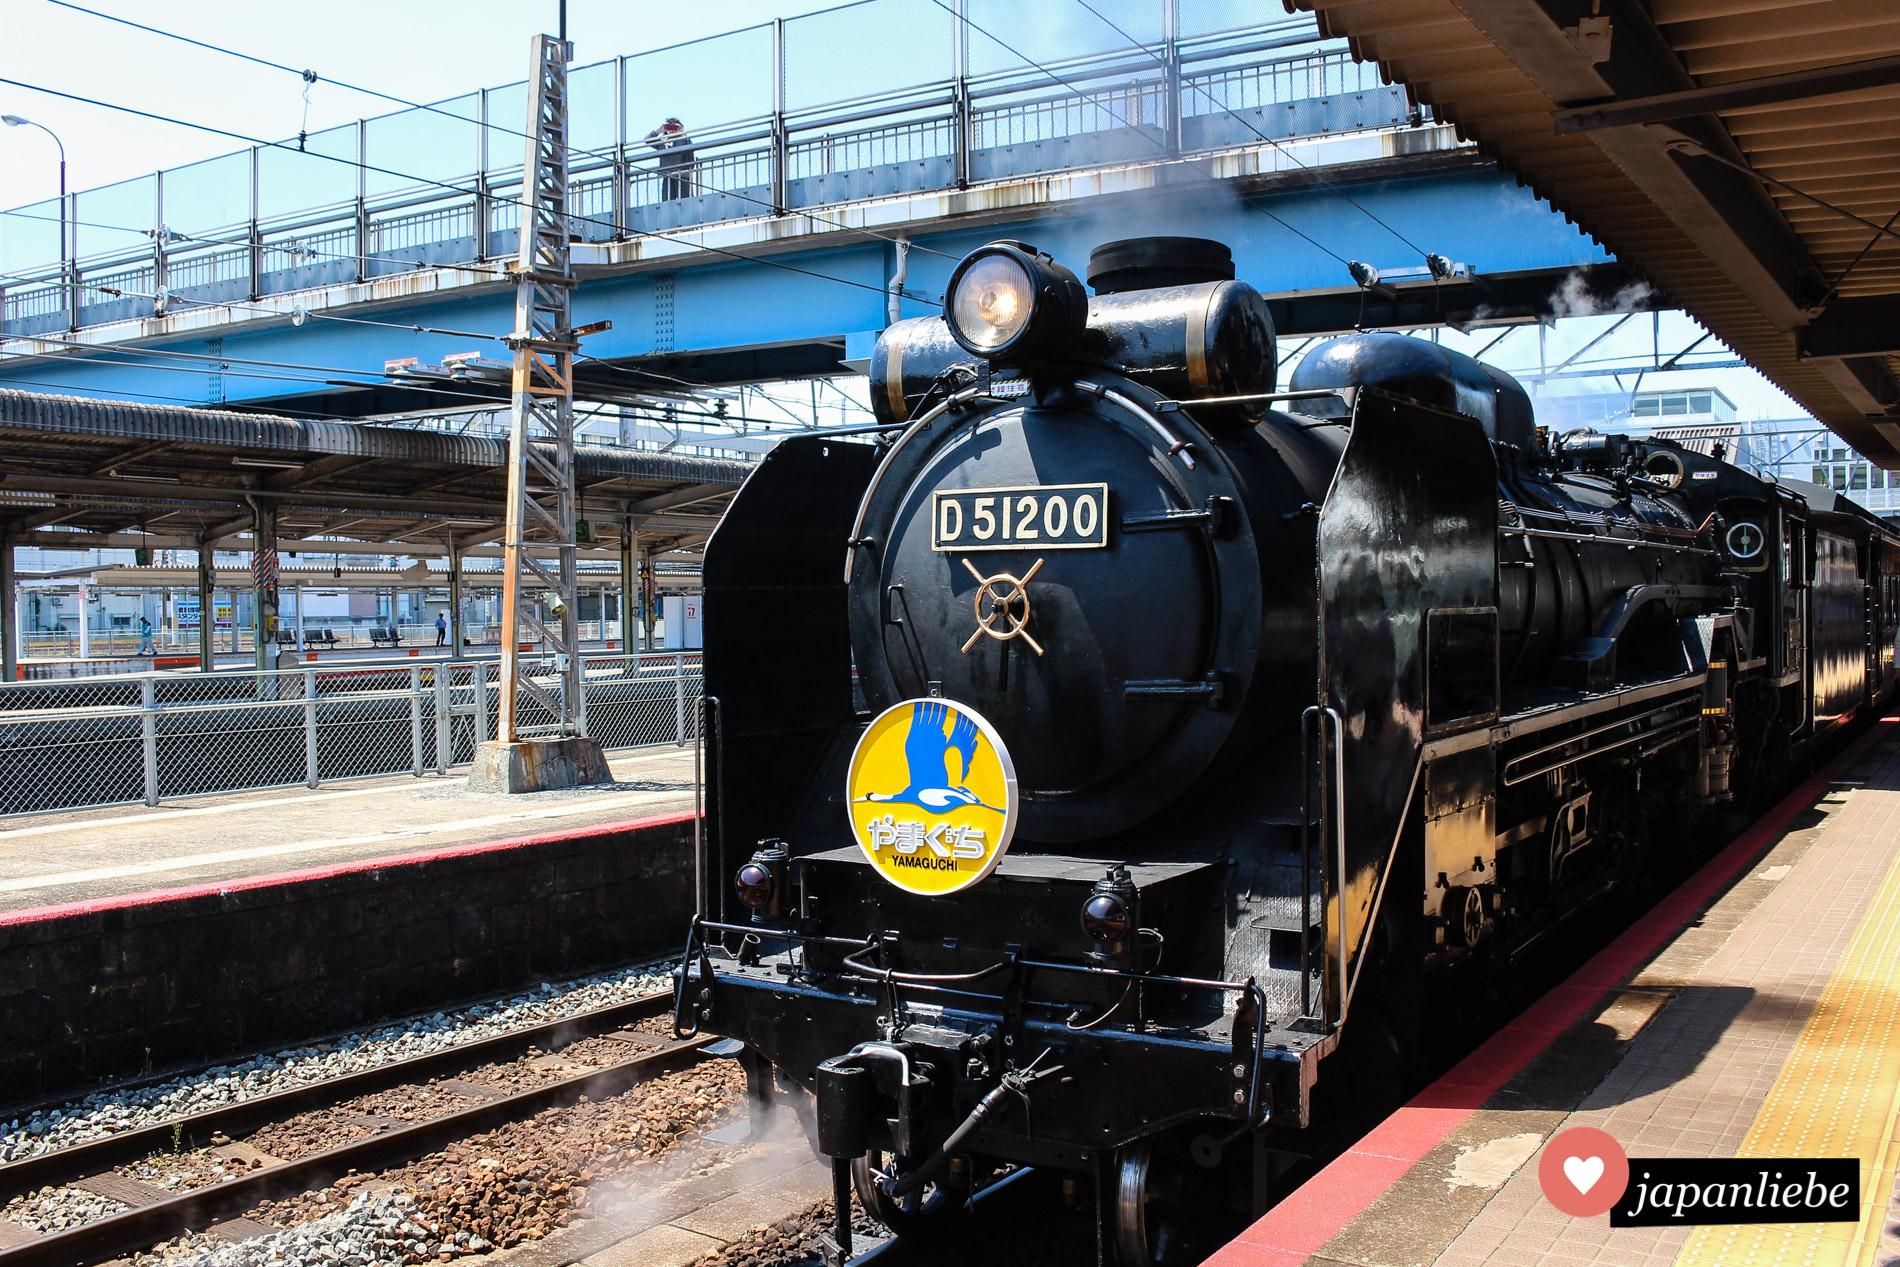 Die Dampflok wartet am Bahnhof Shin-Yamaguchi auf die Abfahrt.